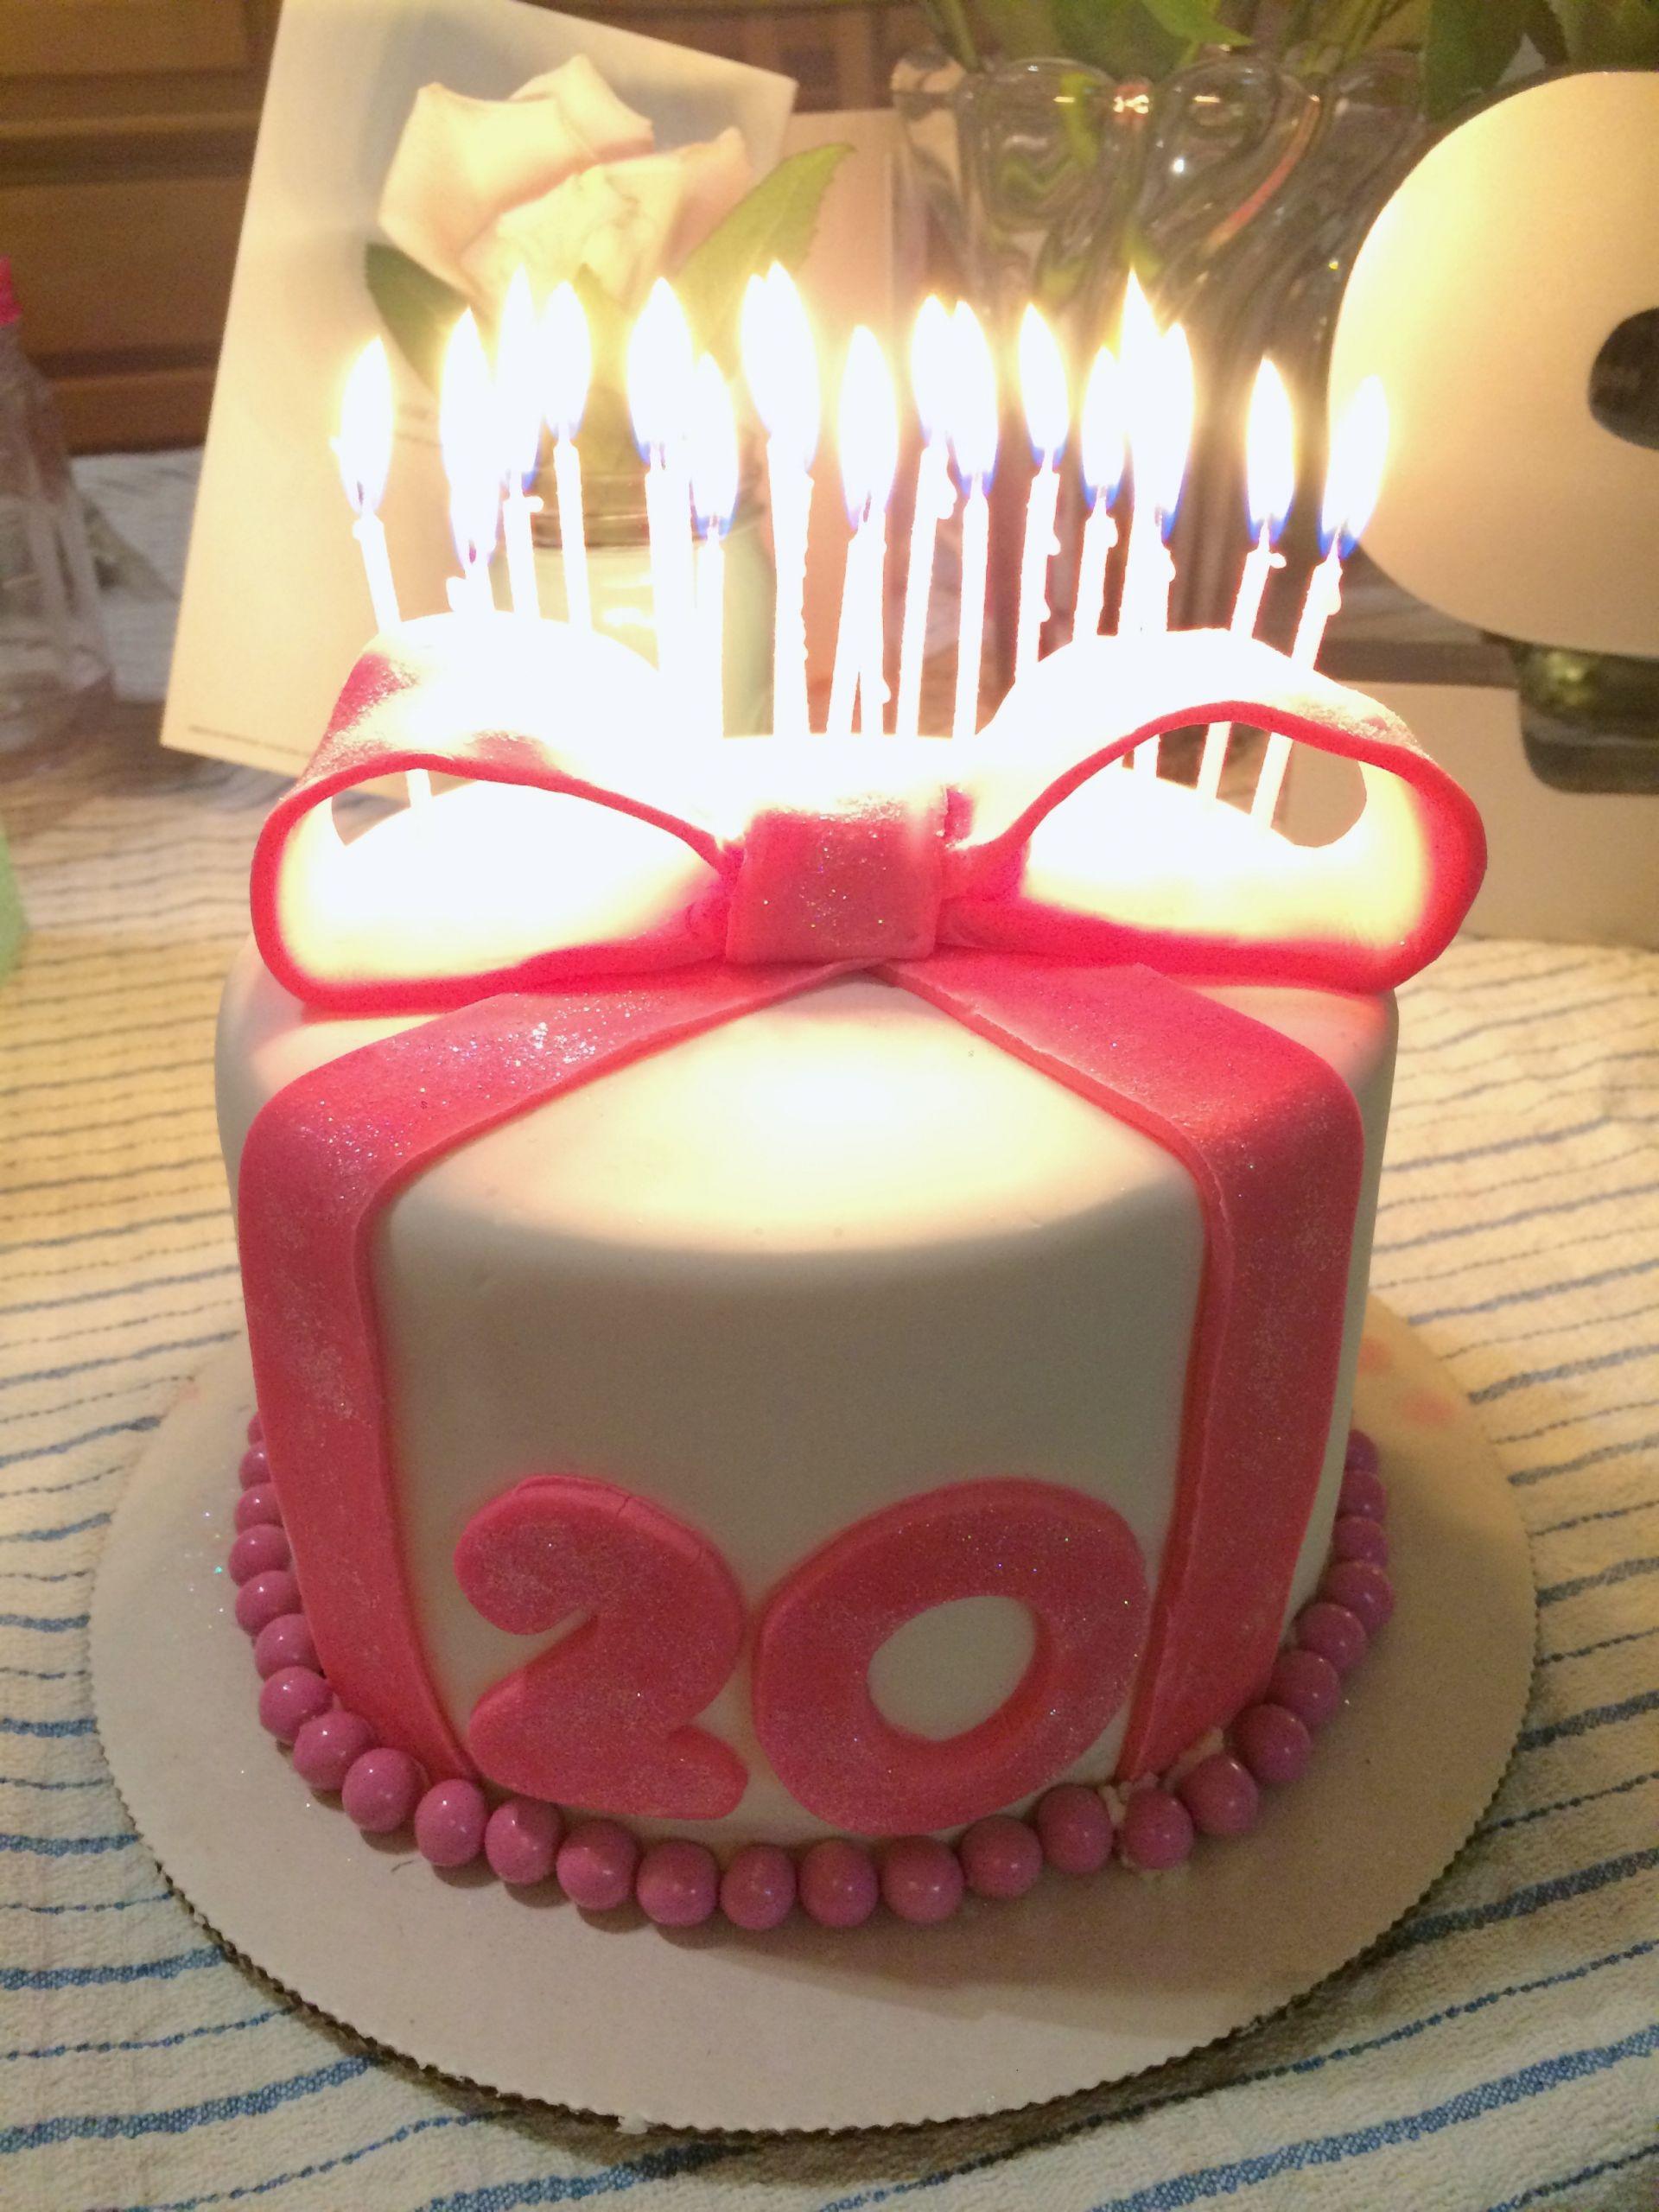 20 Birthday Cake  20th Birthday Duff's Cake Mix